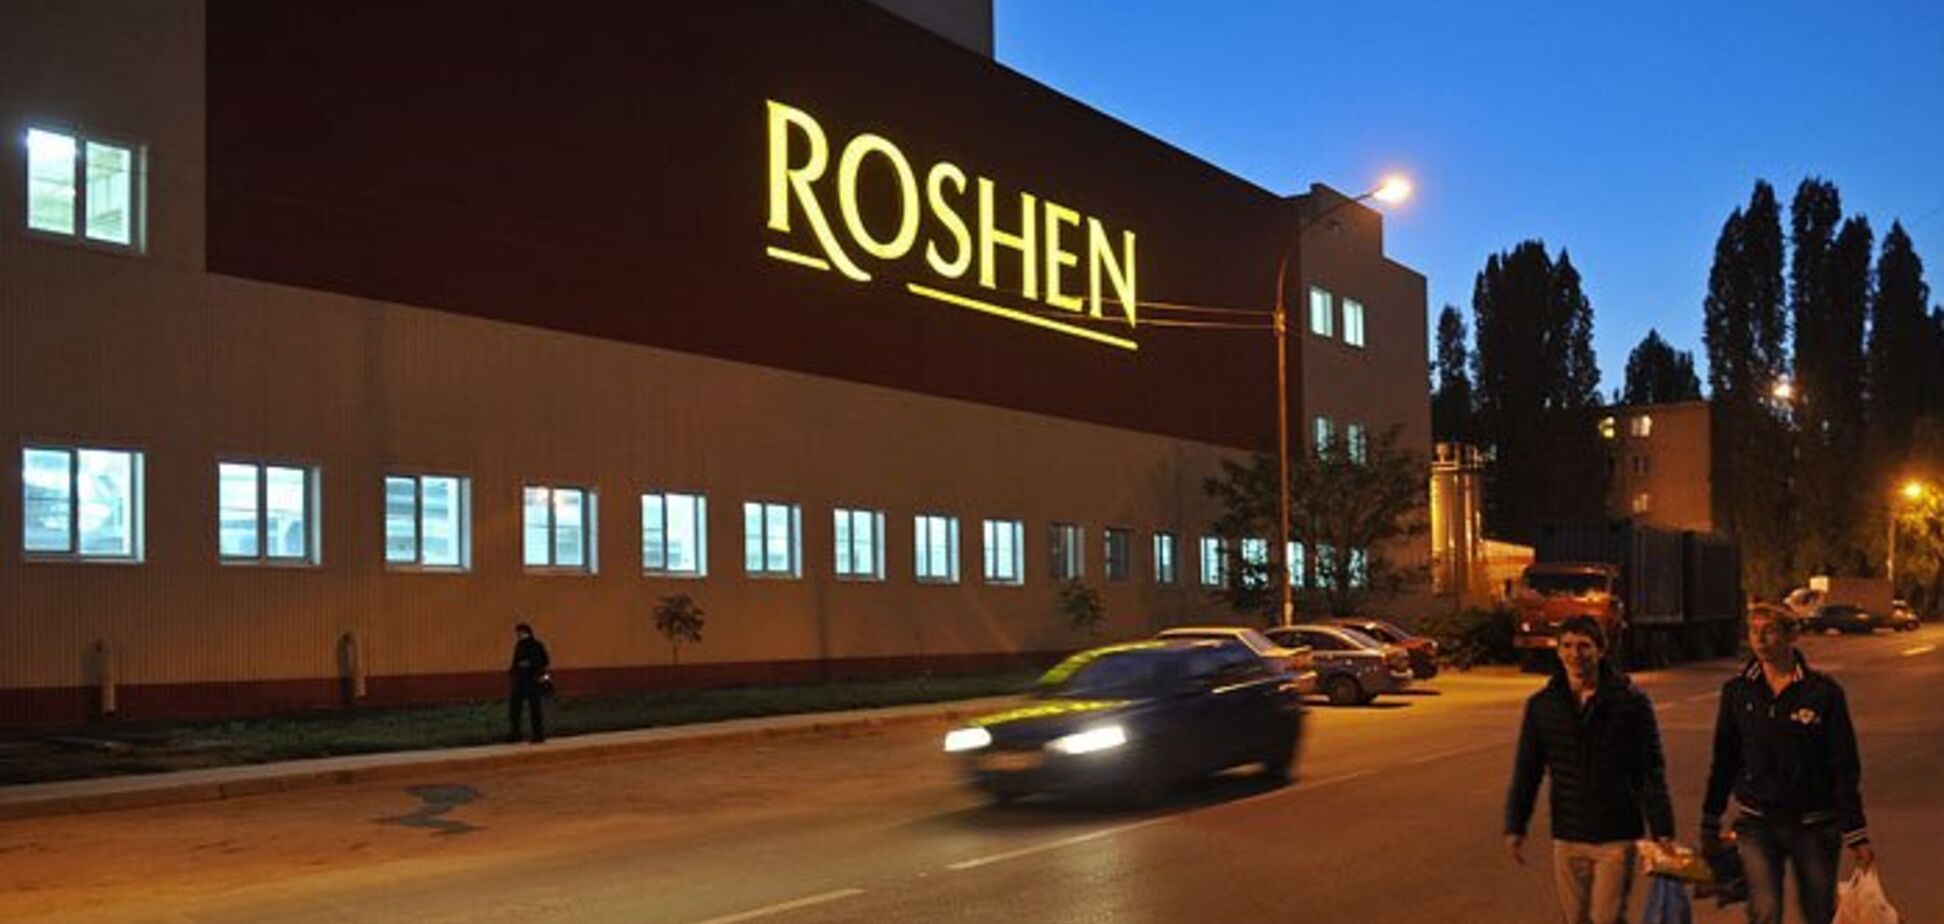 Roshen виділить 50 мільйонів на розвиток Національного інституту раку